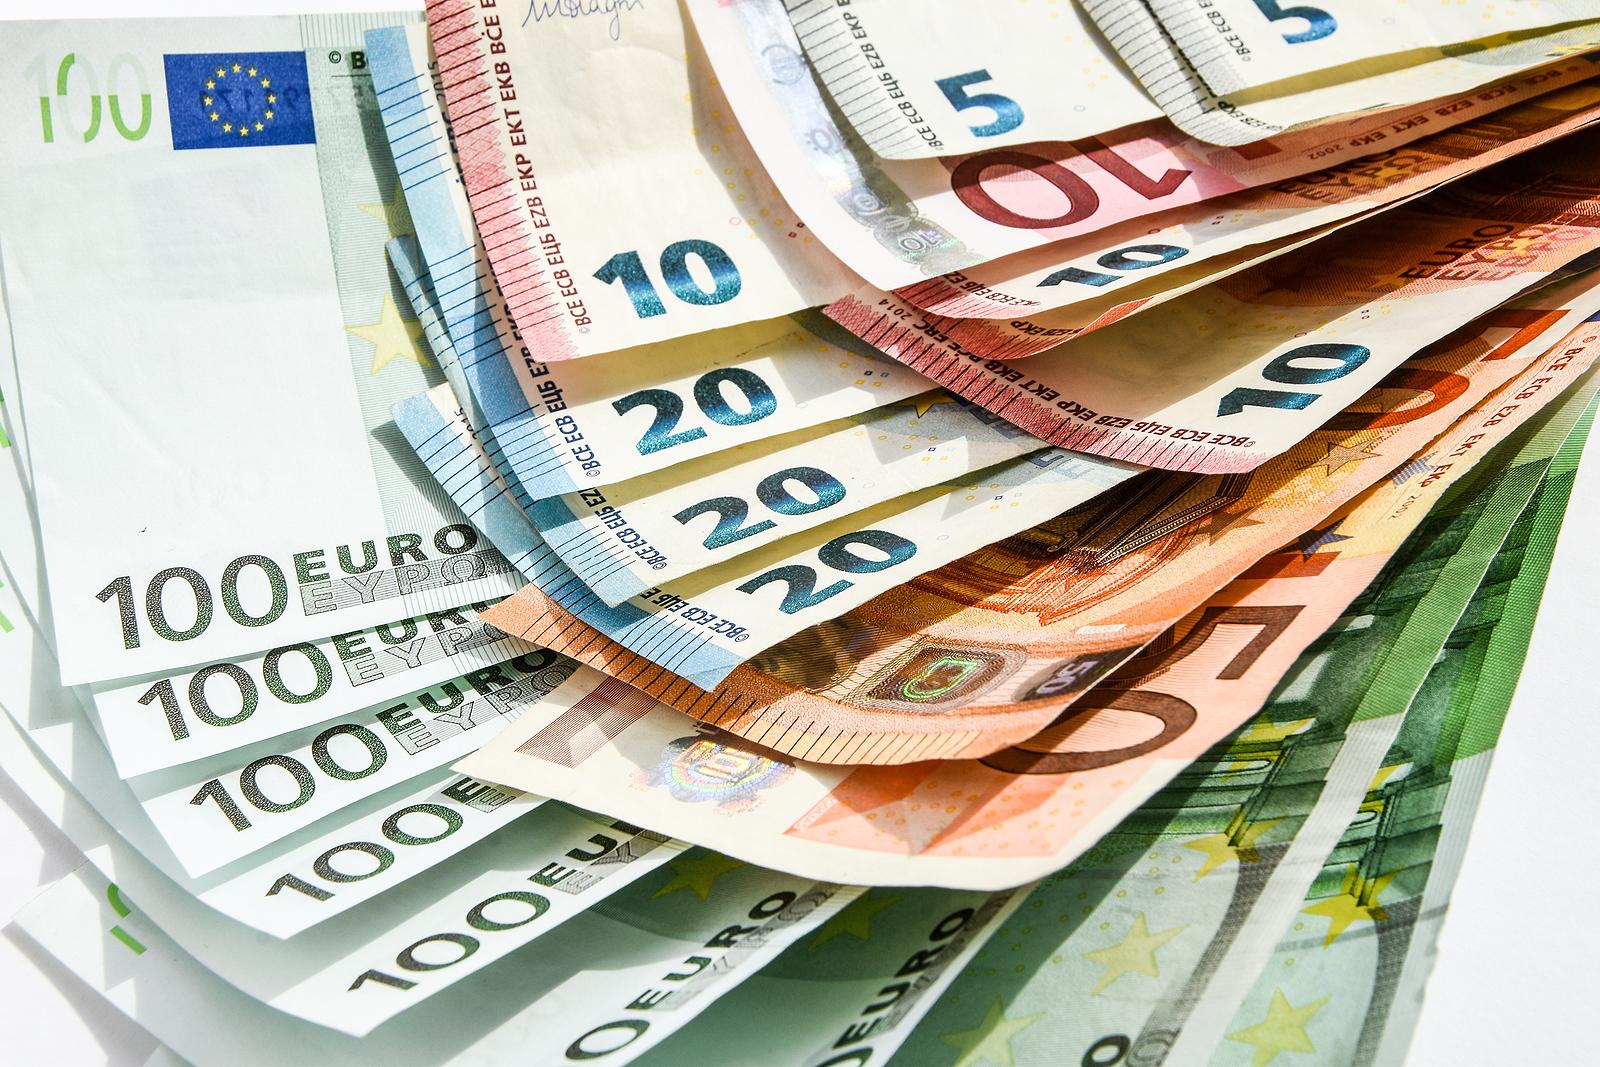 Geld lenen in deze tijden van crisis